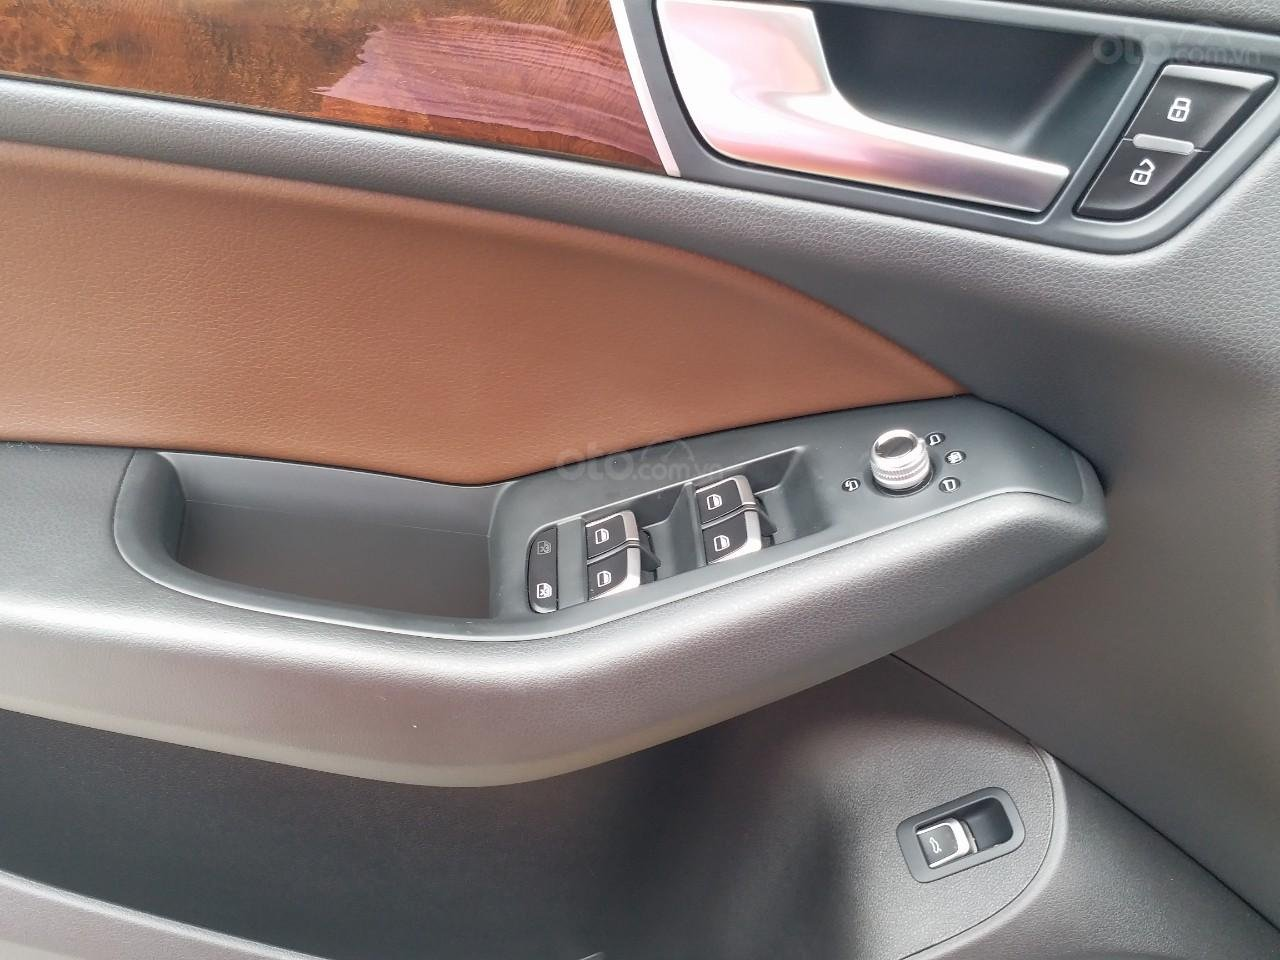 Bán Audi Q5 2.0 TFSI màu đen/ nâu, sản xuất cuối 2015 nhập Đức, đăng ký 2016 tên tư nhân (23)